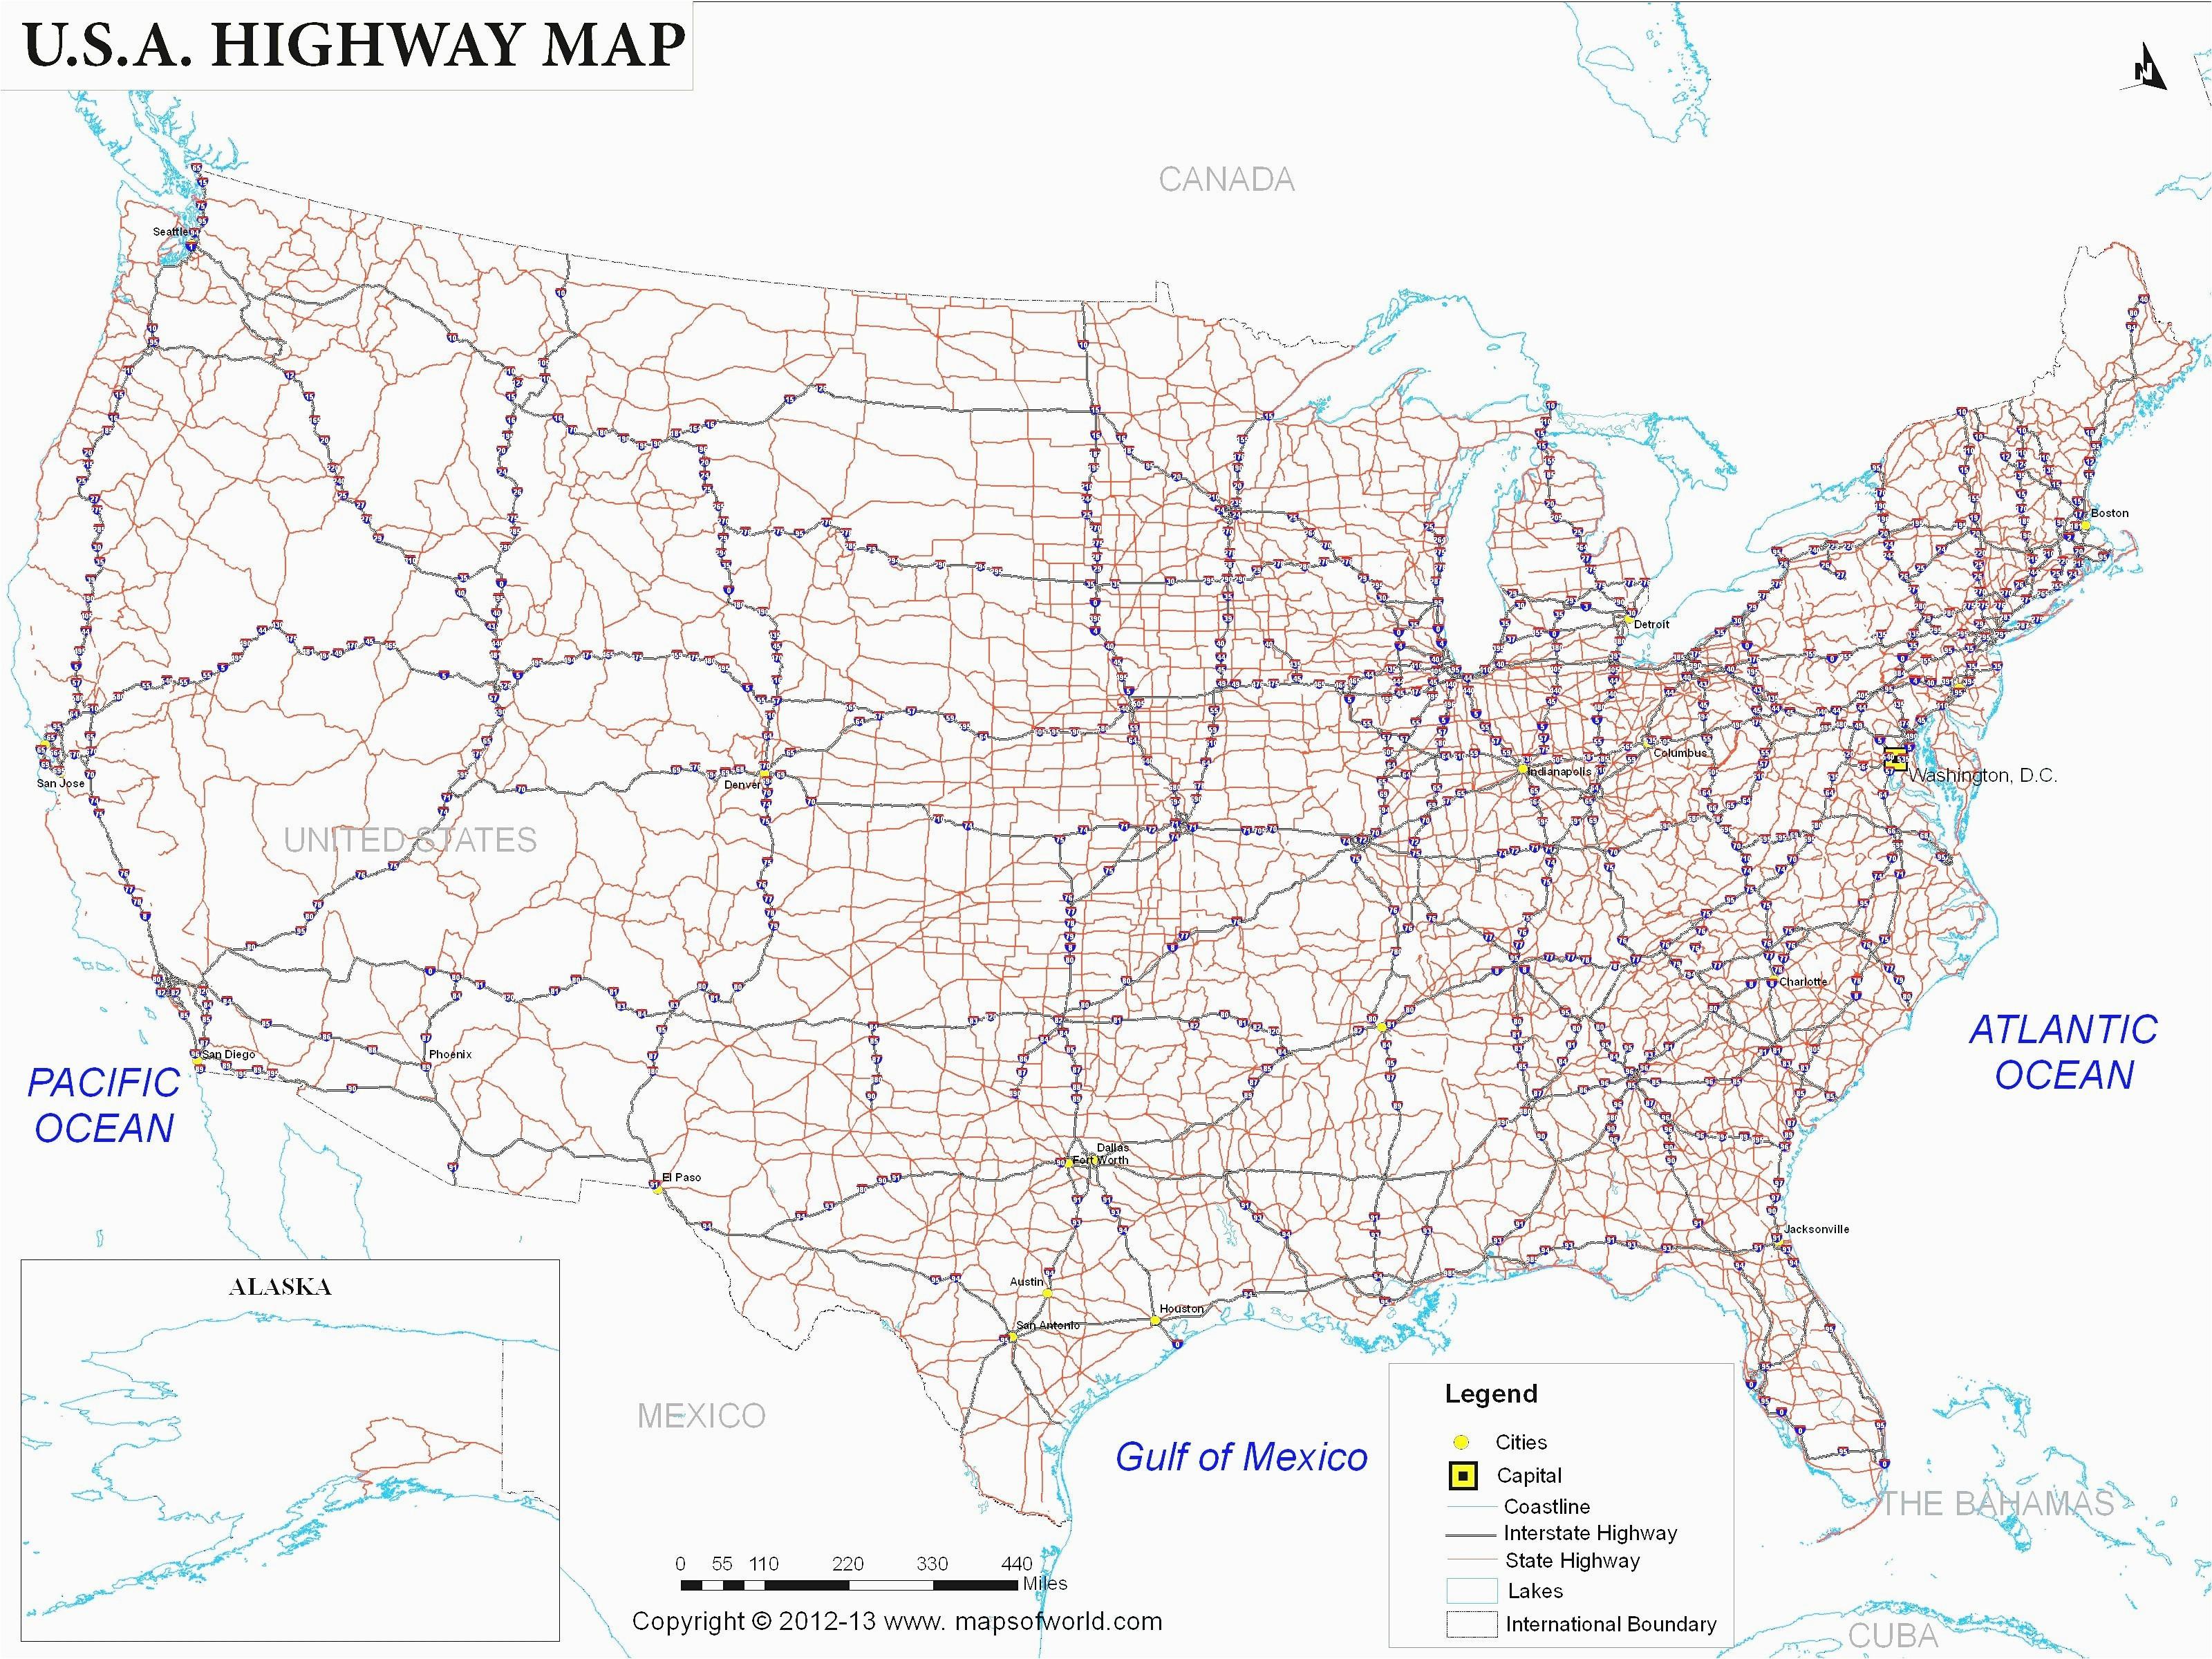 pueblo colorado usa map new us county map editable valid editable